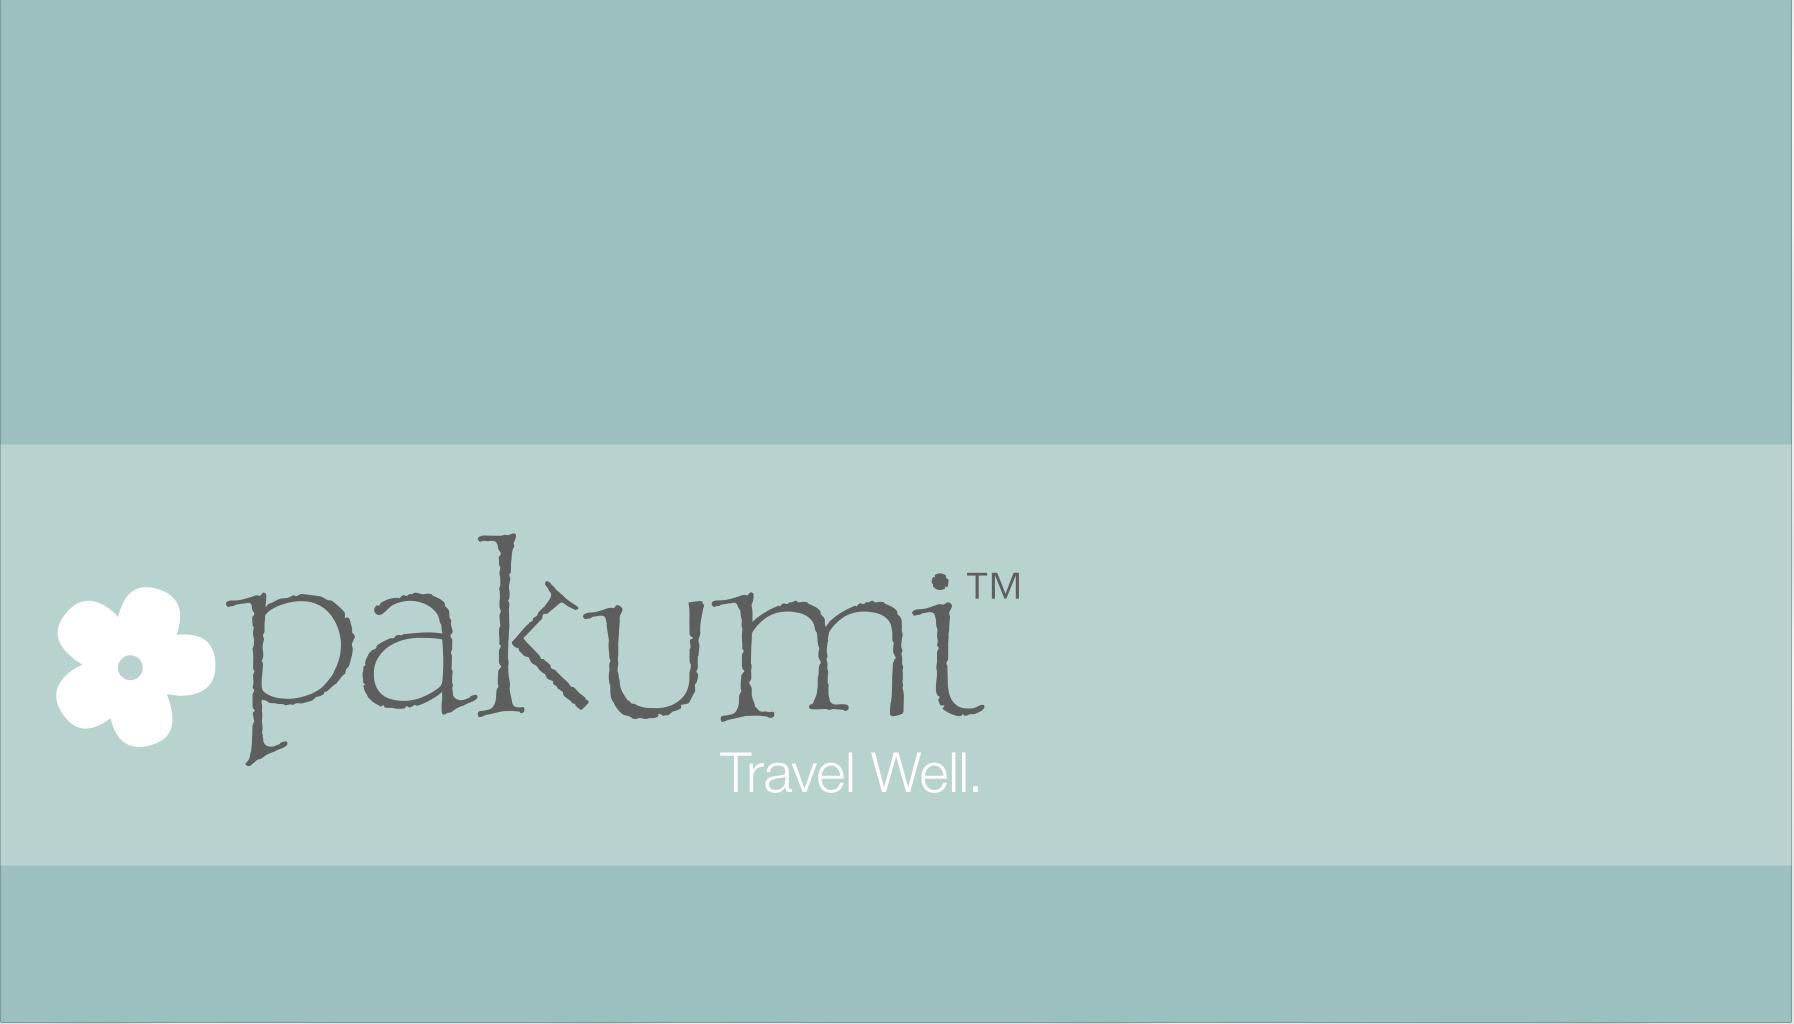 Pakumi Brand Identity